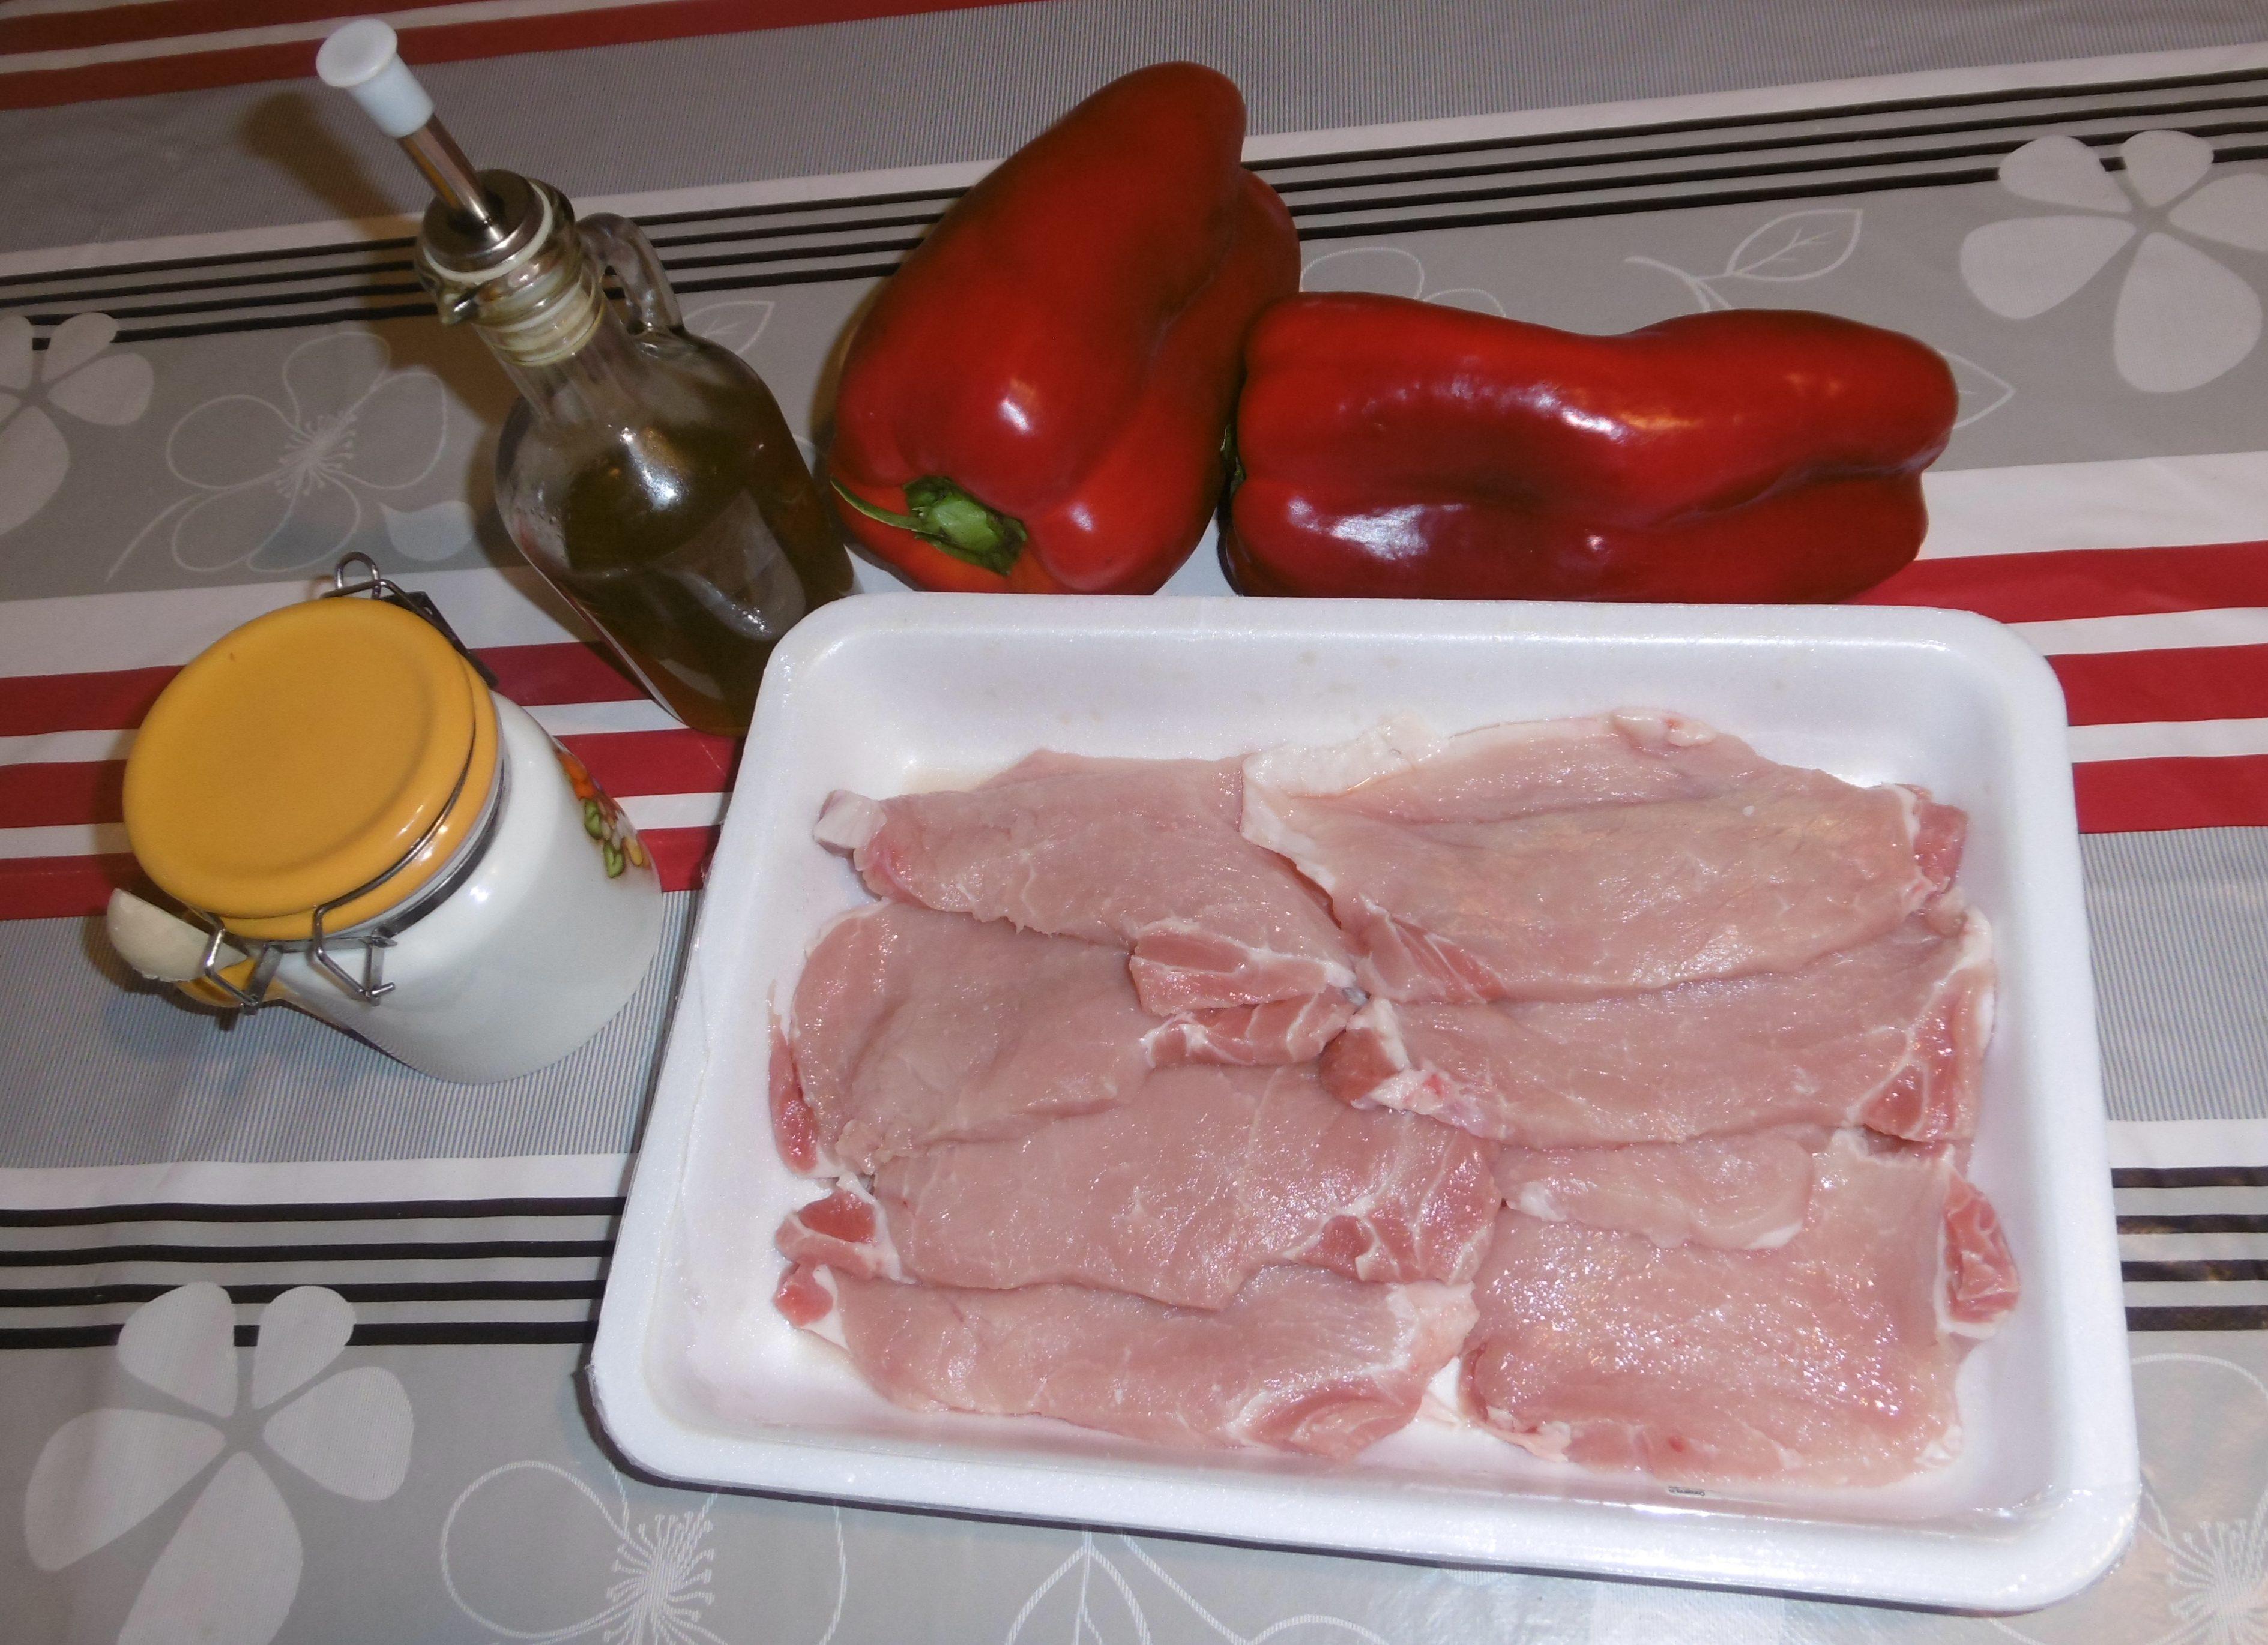 Arista con peperoni - Ingredienti